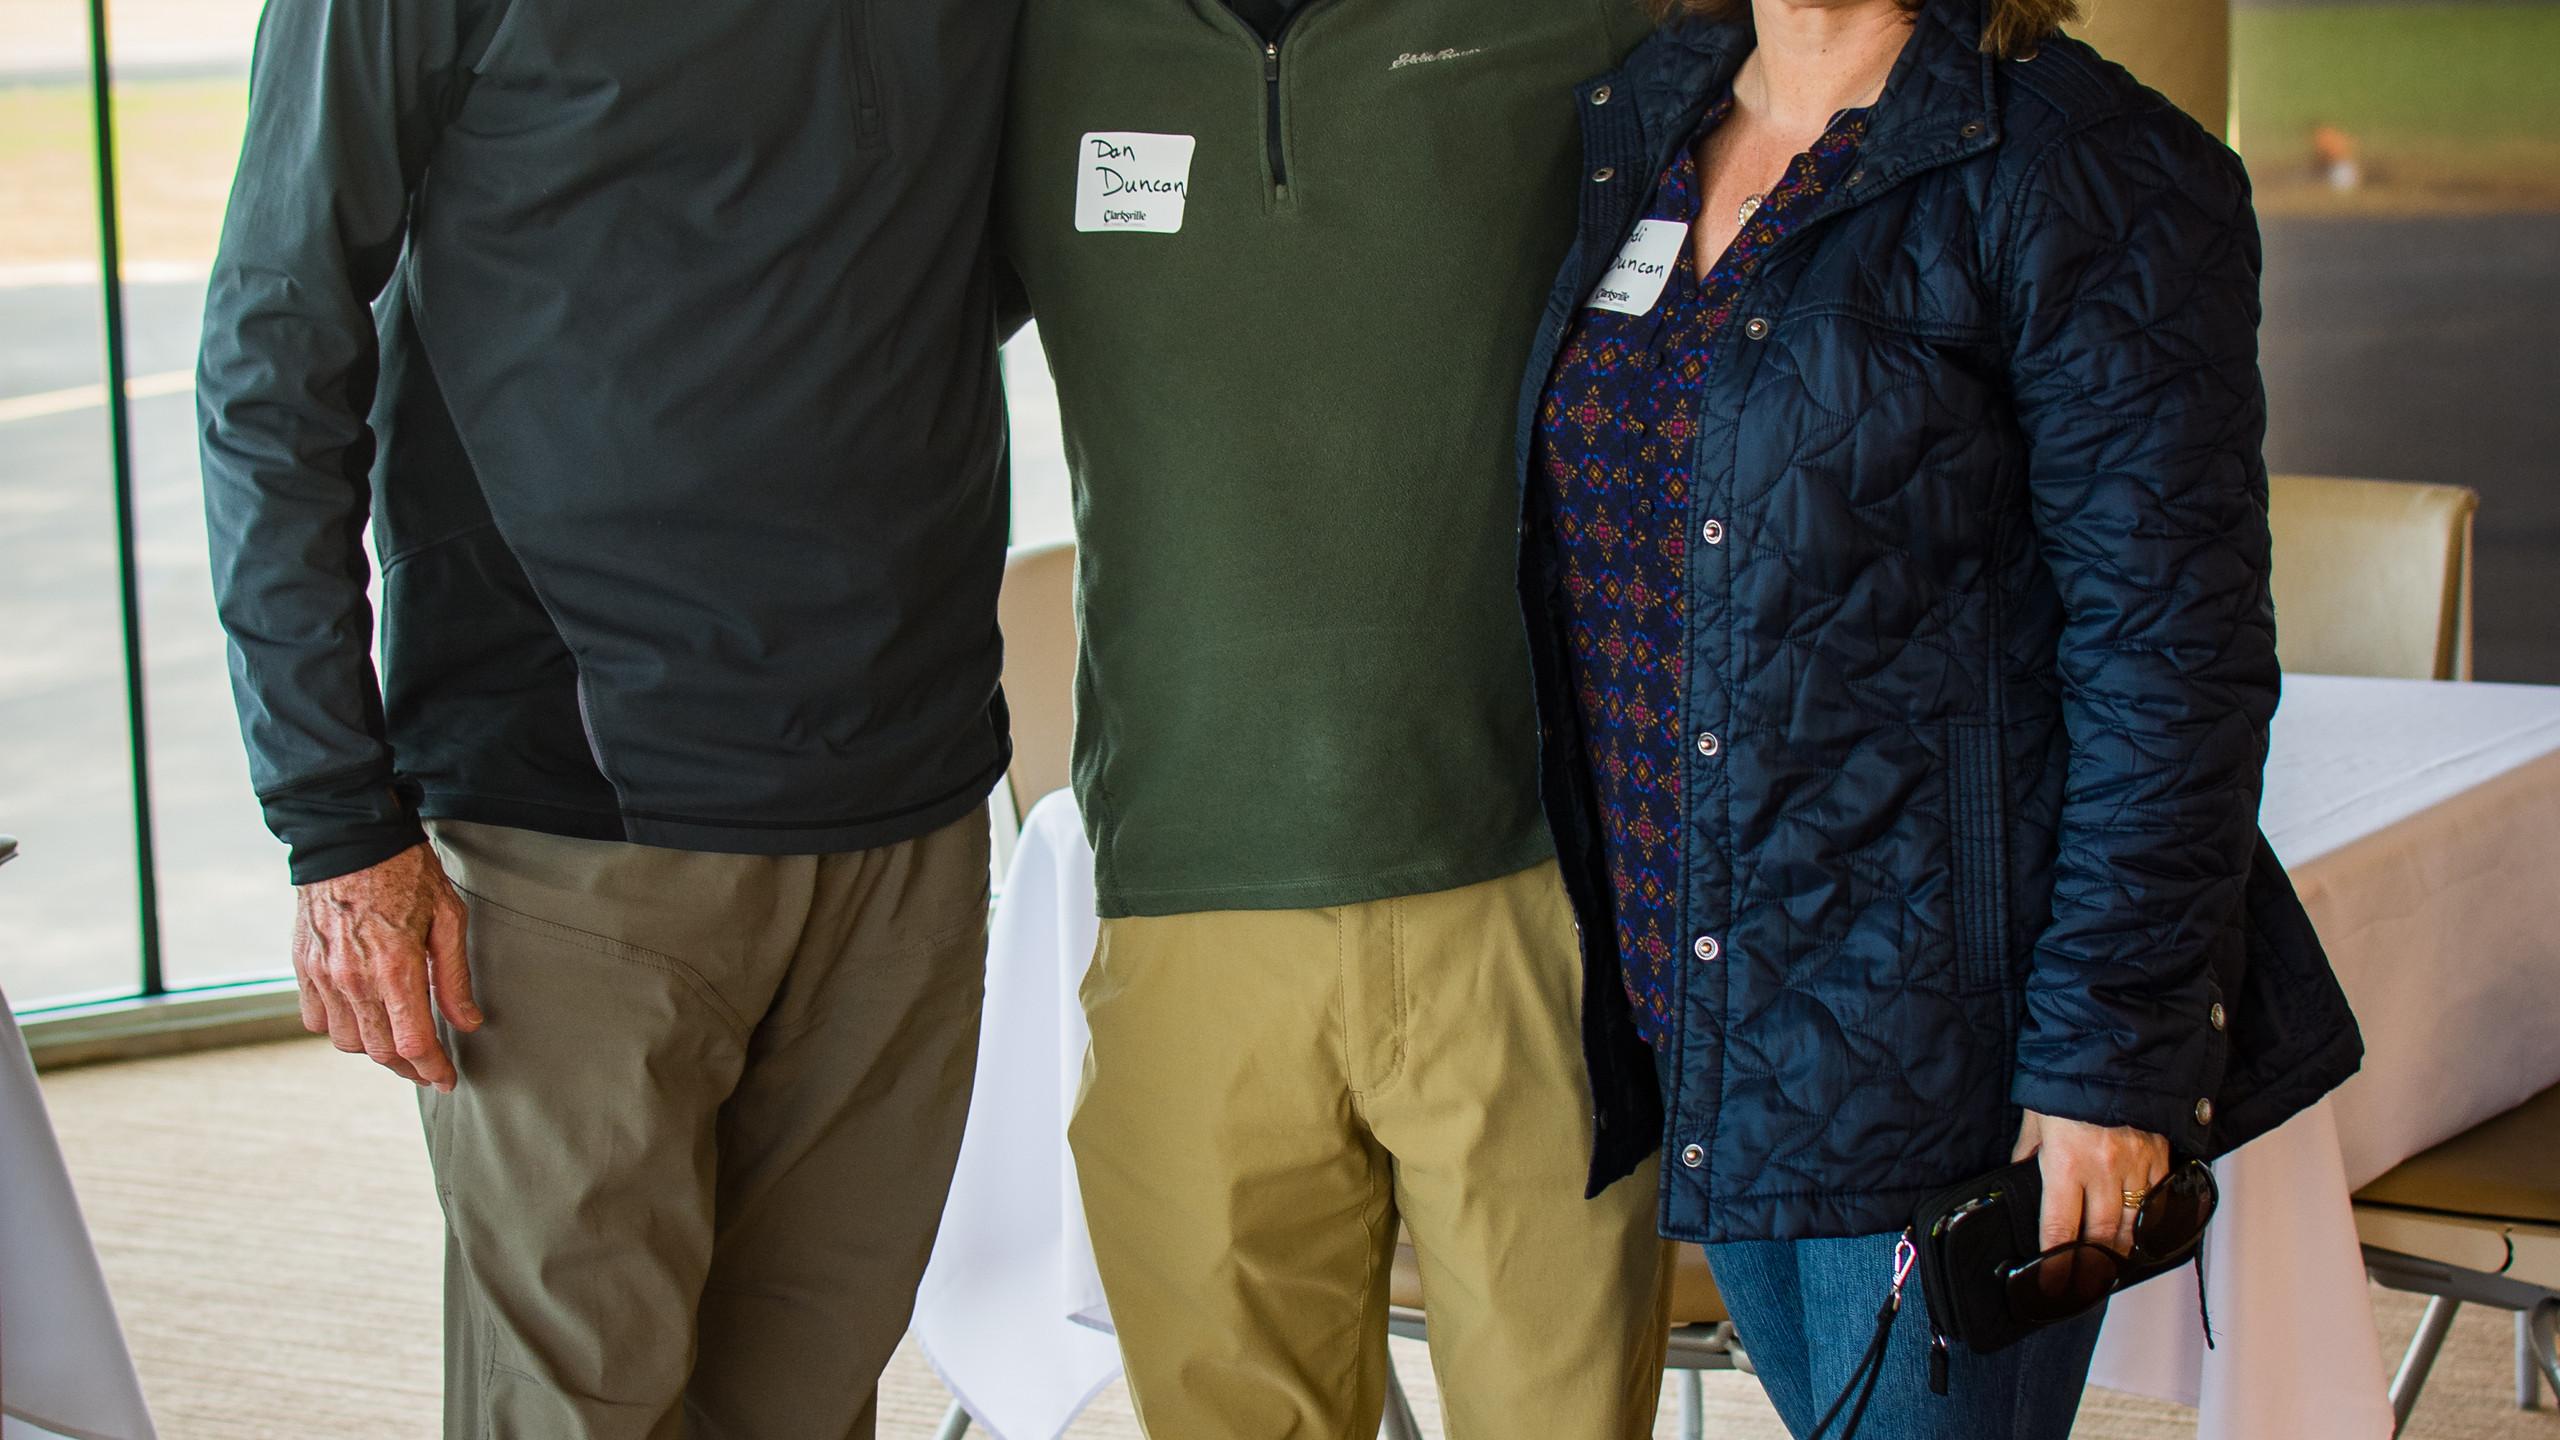 Bill Harpel with Dan and Sandi Duncan